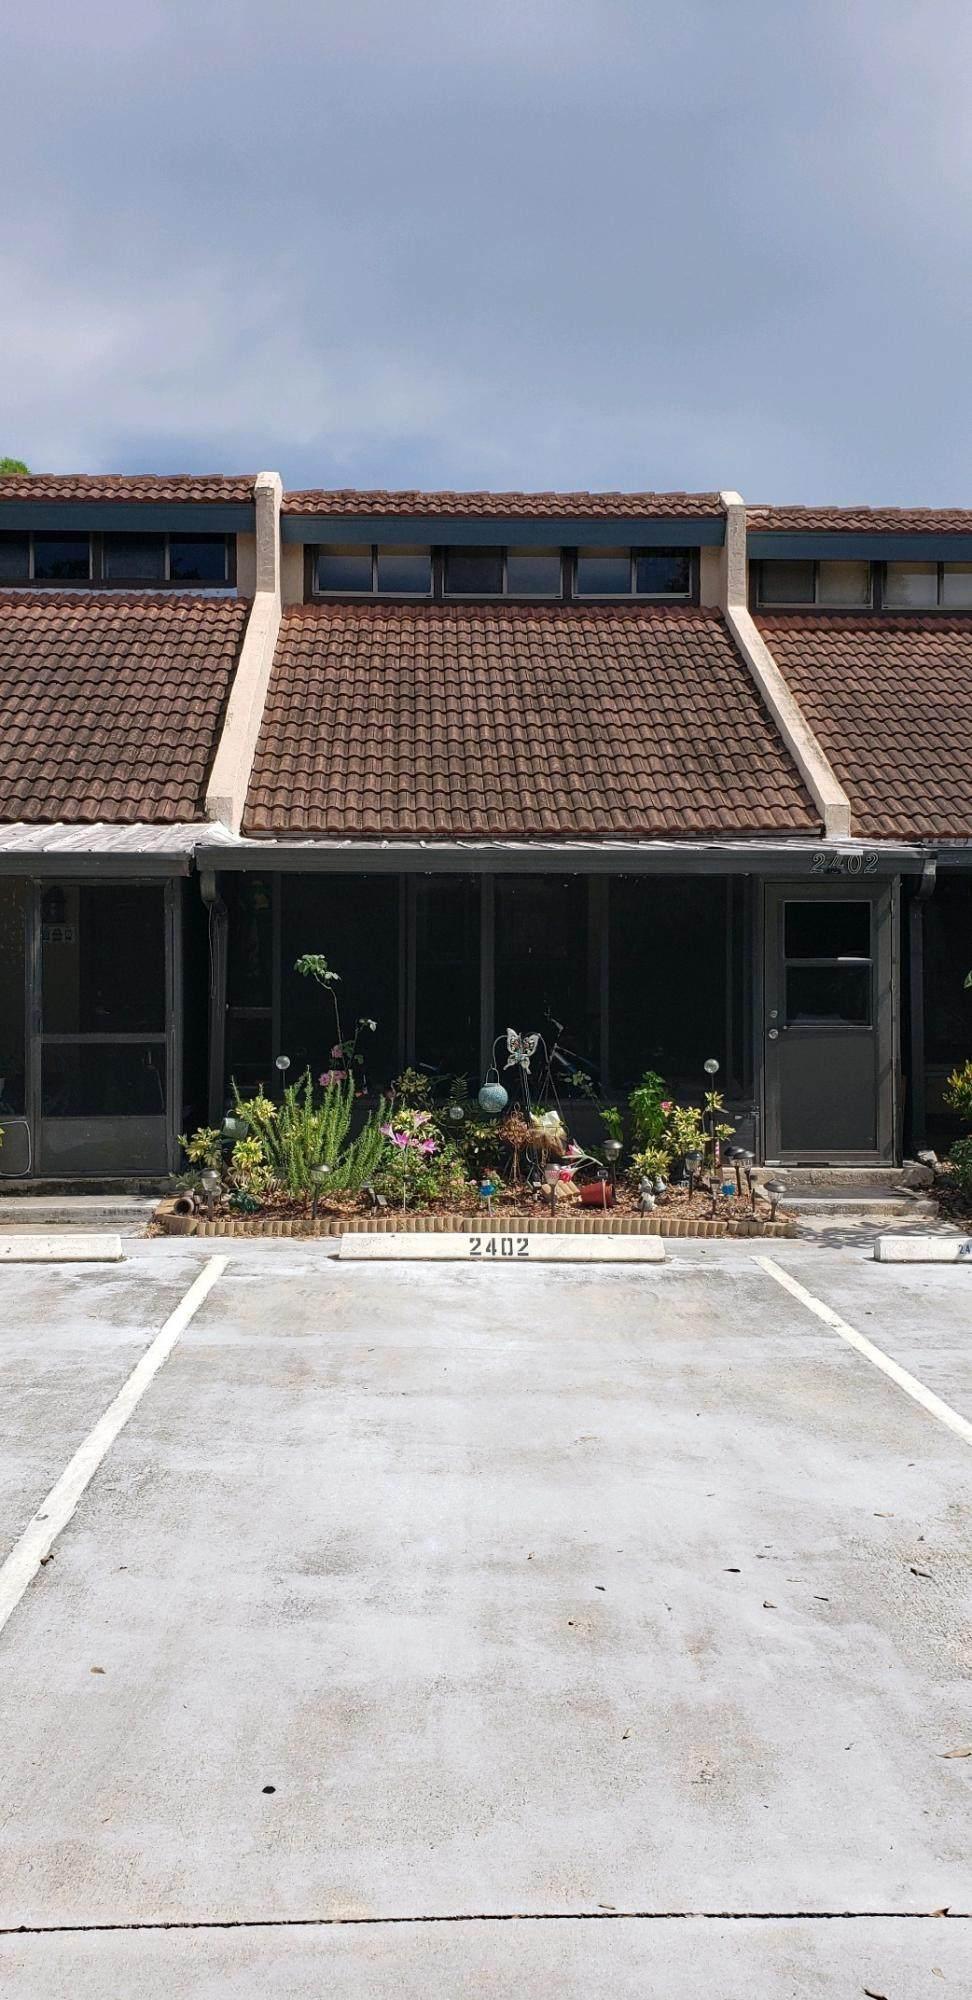 2402 Garden Terrace - Photo 1